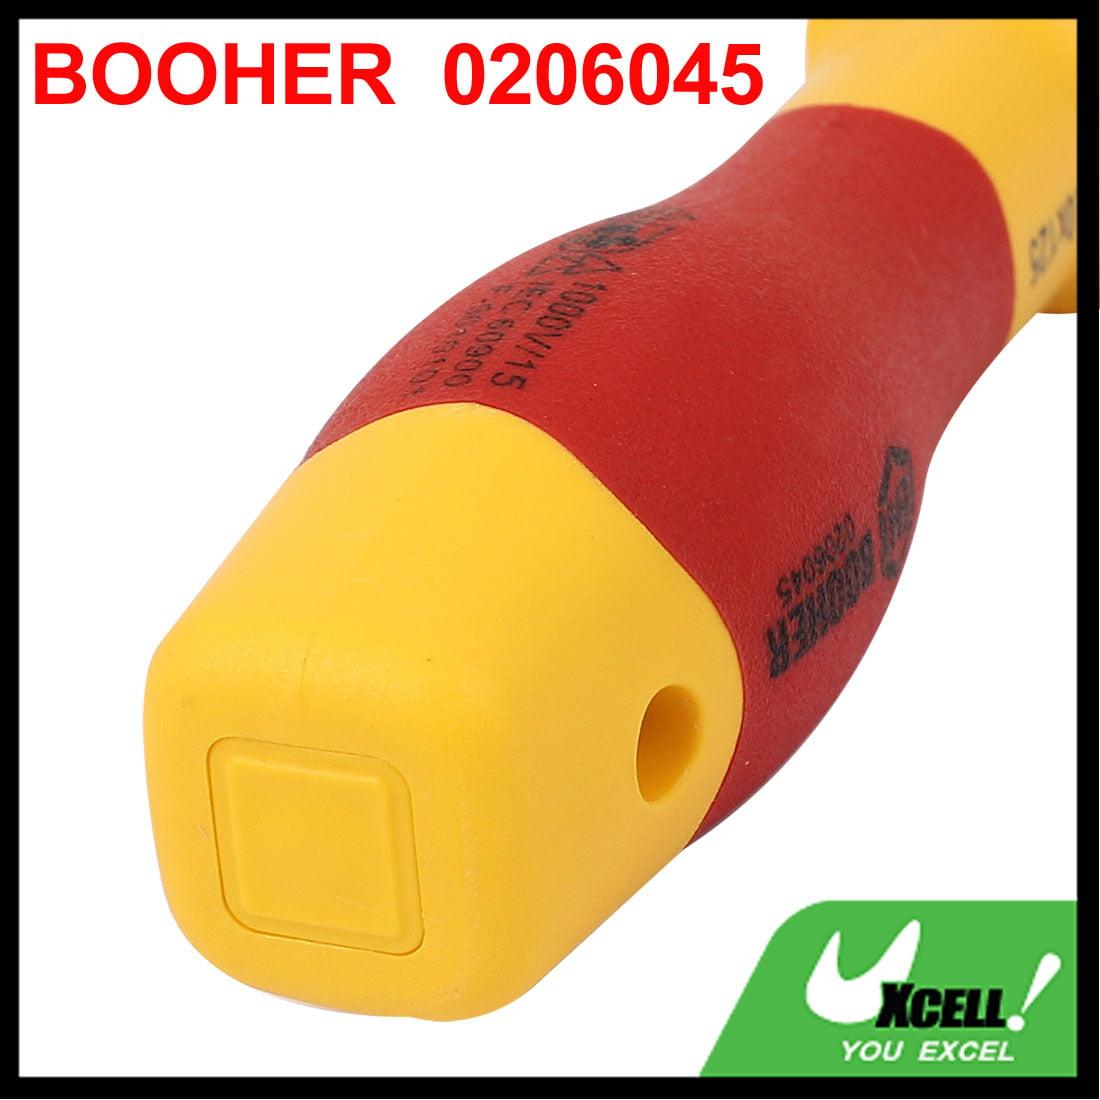 booher VDE Prise hexagonale 4mm 125mm de longueur isolée écrou Tournevis - image 5 de 6